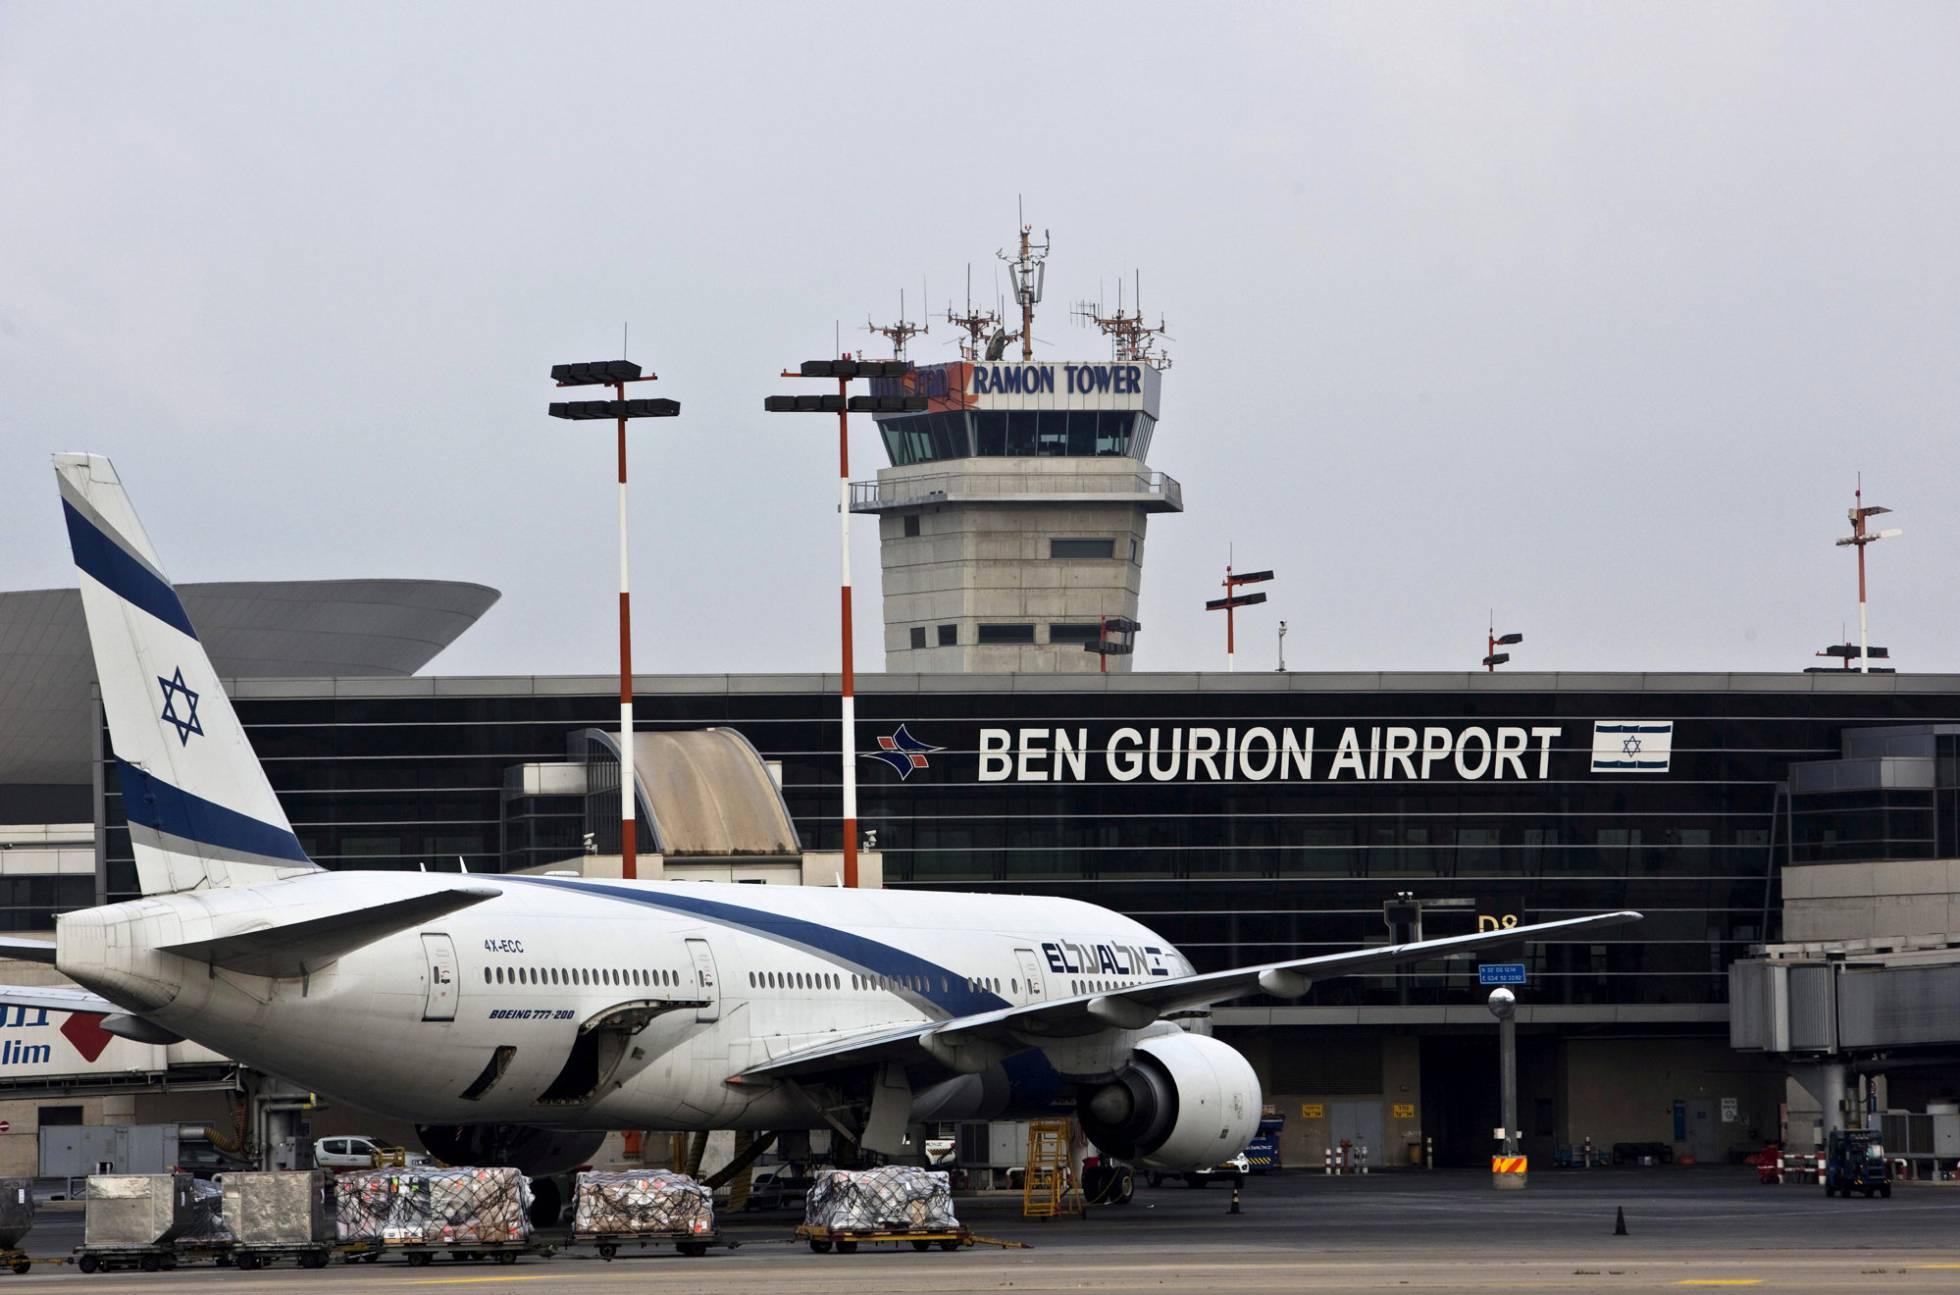 Un avión de El Al en el aeropuerto Ben Gurion, en Israel NIR ELIAS REUTERS